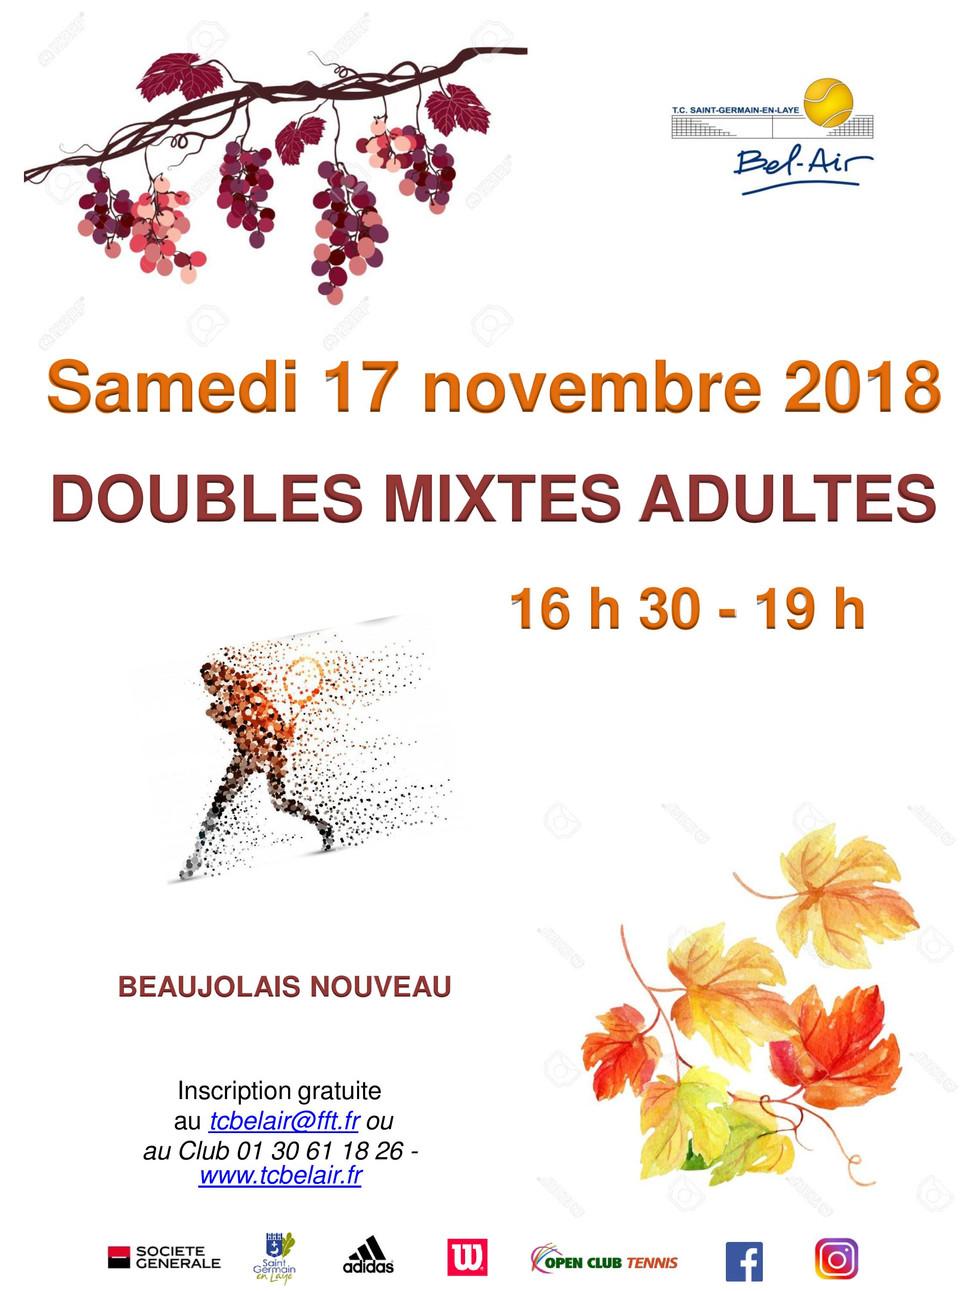 Doubles mixtes + apéritif le samedi 17 novembre 2018